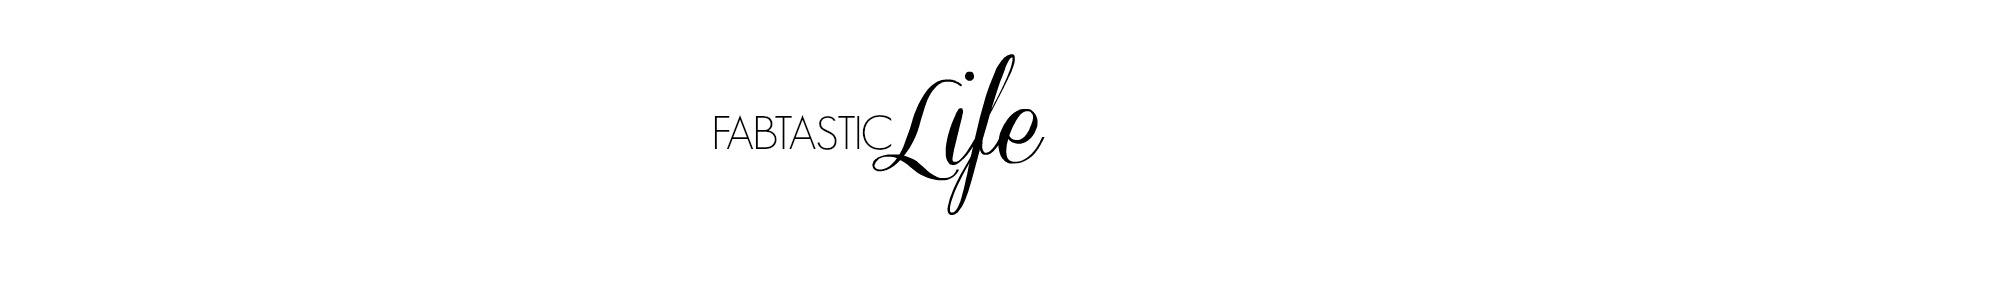 Fabtastic Life